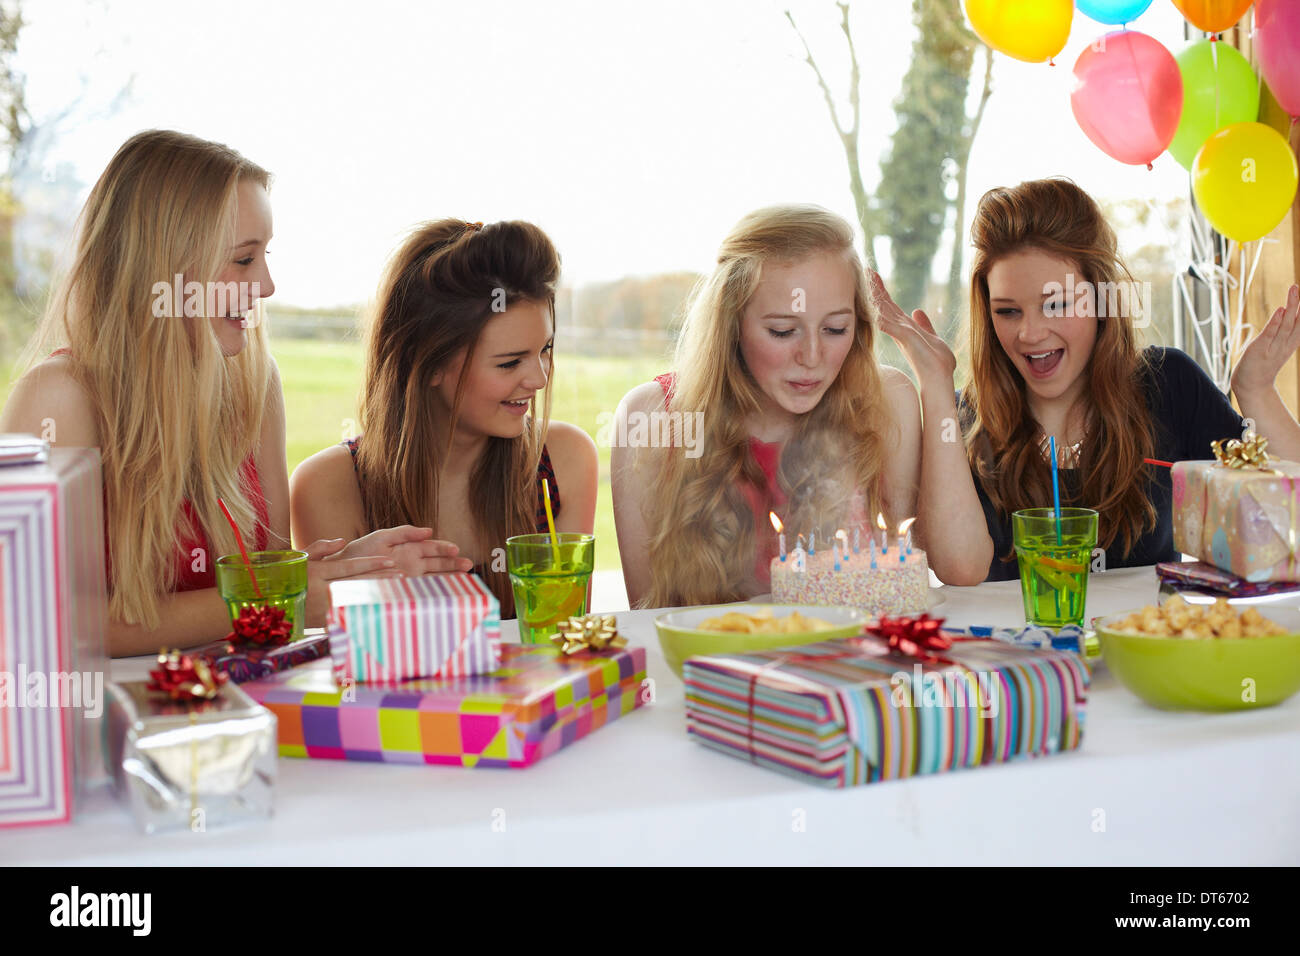 Junges Mädchen bläst Geburtstagskerzen mit Freunden Stockbild